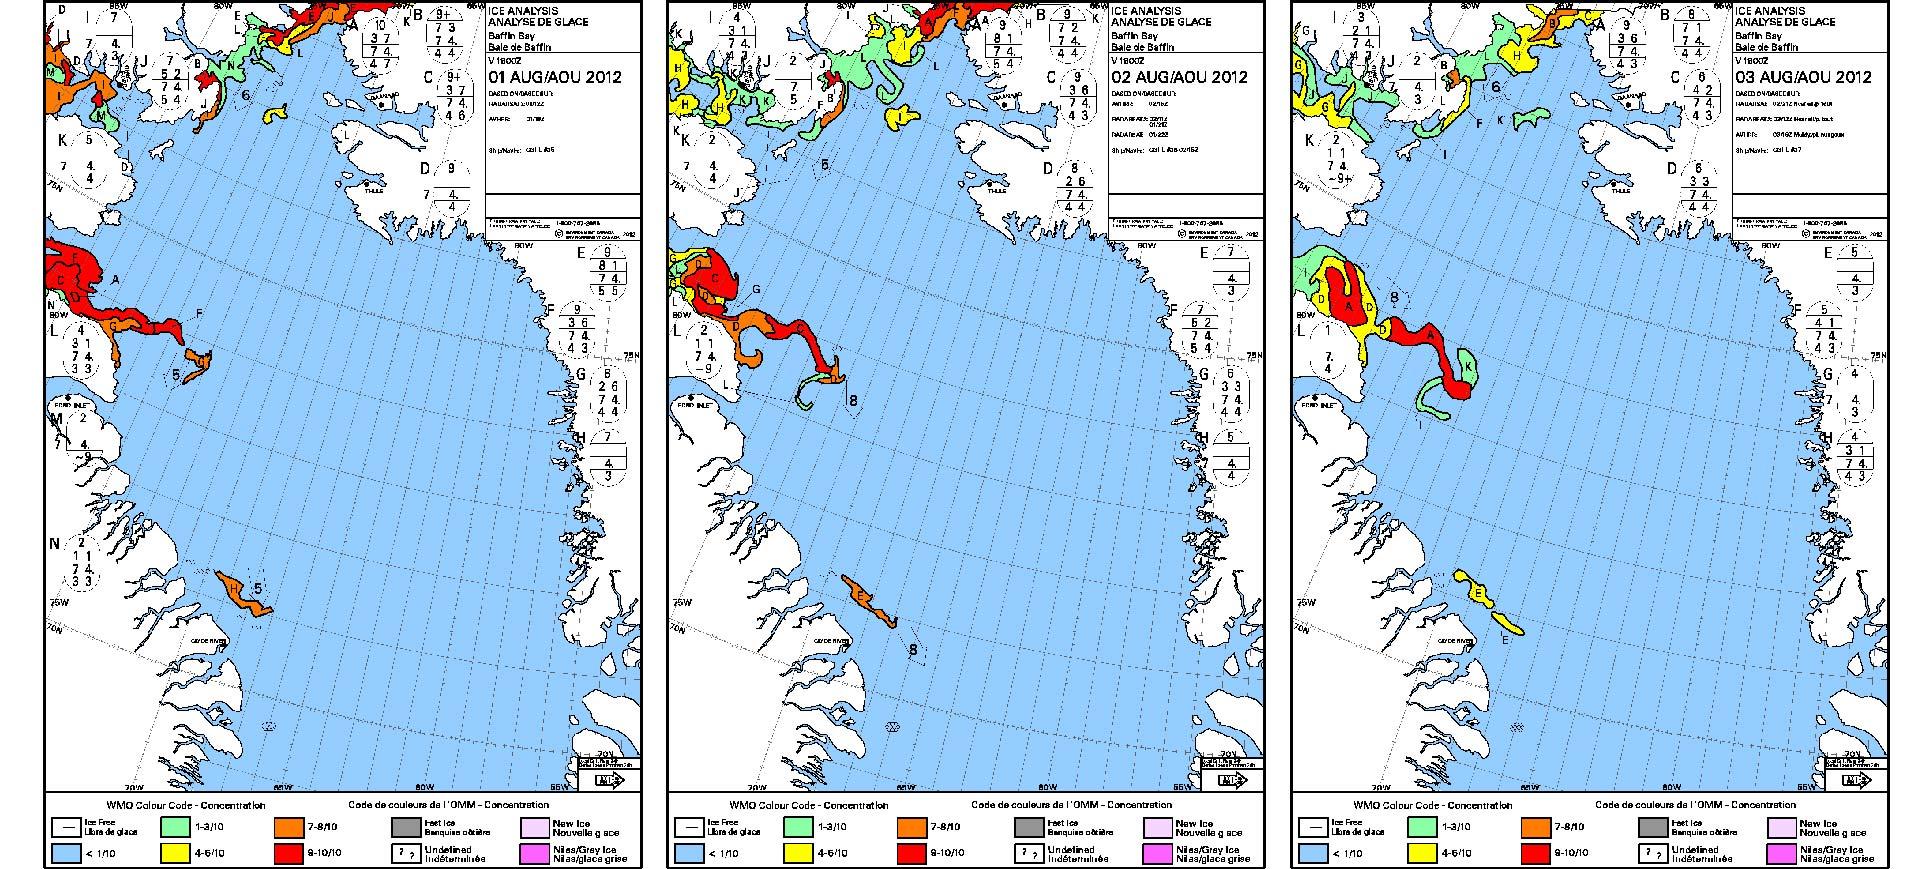 mappa-del-ghiaccio-passaggio-a-nord-ovest-best-explorer